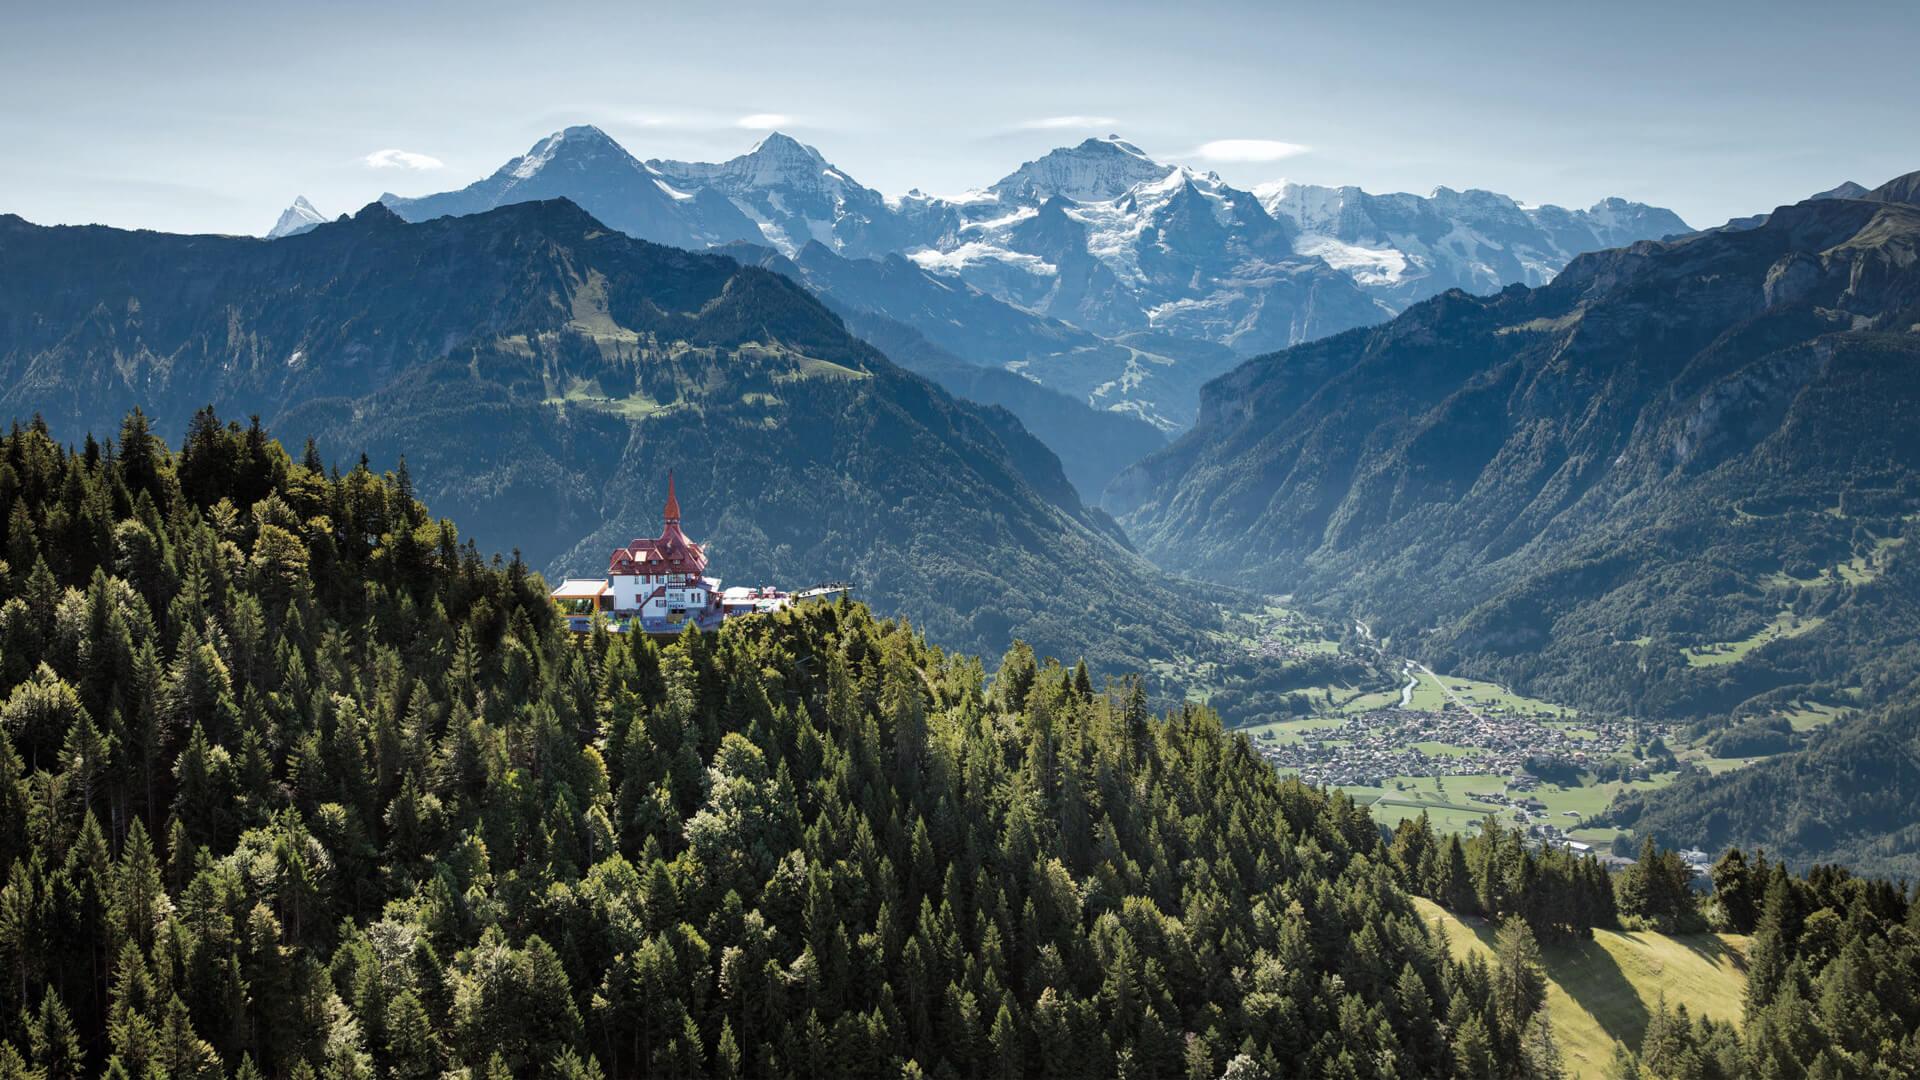 harder-kulm-aussicht-sommer-eiger-moench-jungfrau-panorama-von-oben